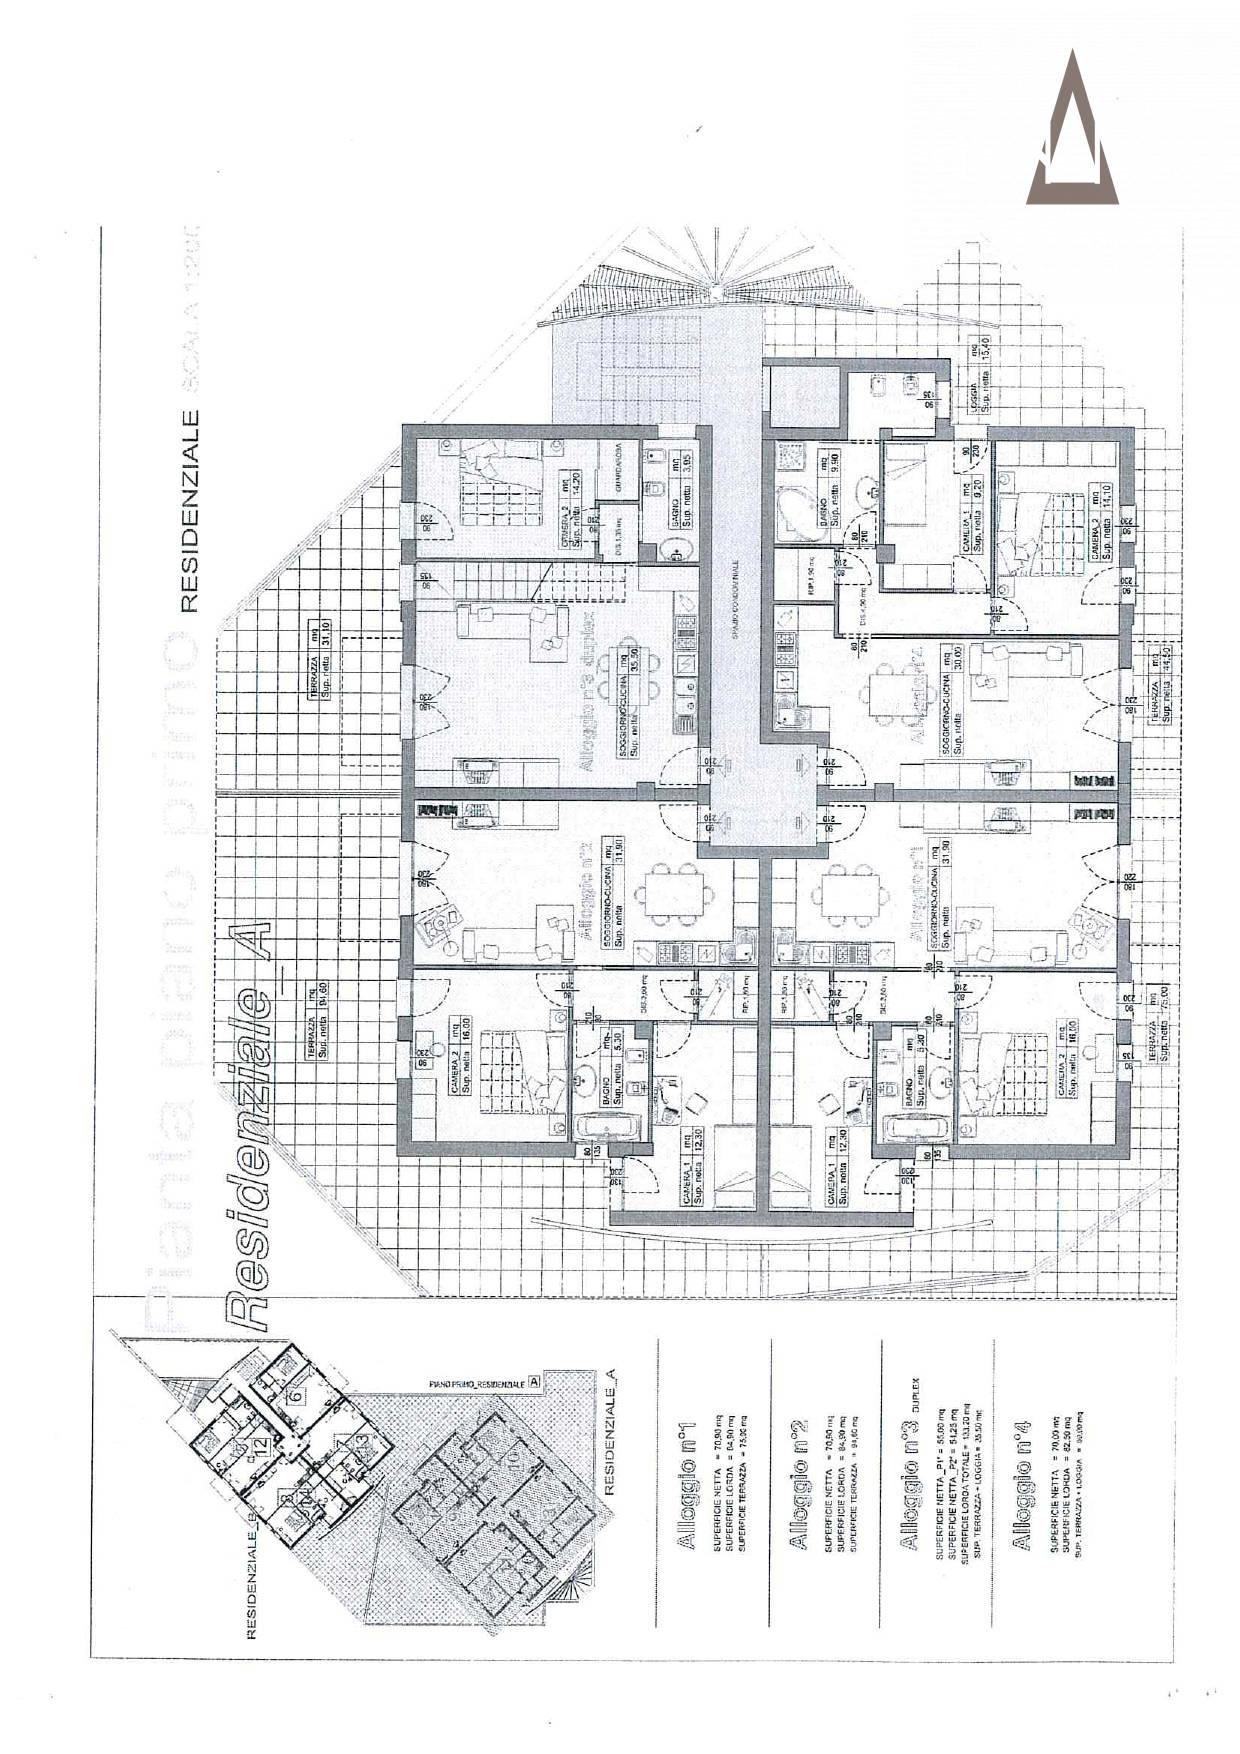 Appartamento in vendita a Fonte, 4 locali, zona Località: OnèdiFonte, prezzo € 115.000 | CambioCasa.it